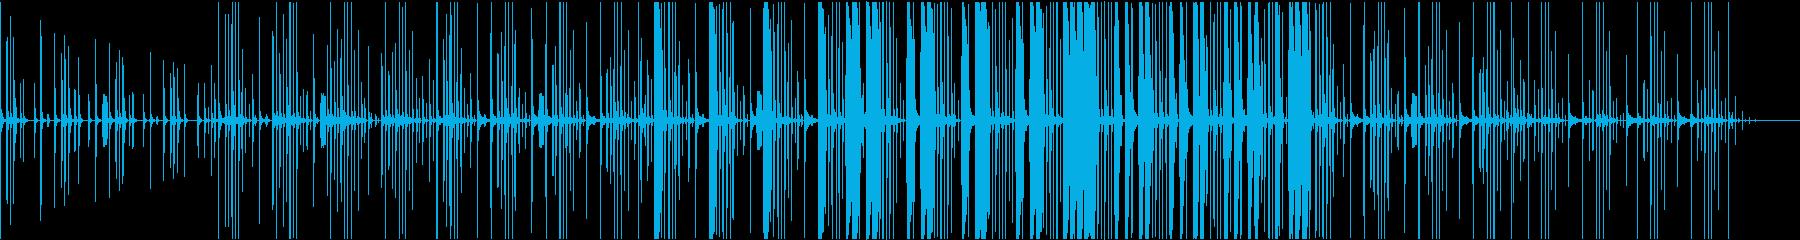 ファンク レトロ 不条理 奇妙な ...の再生済みの波形